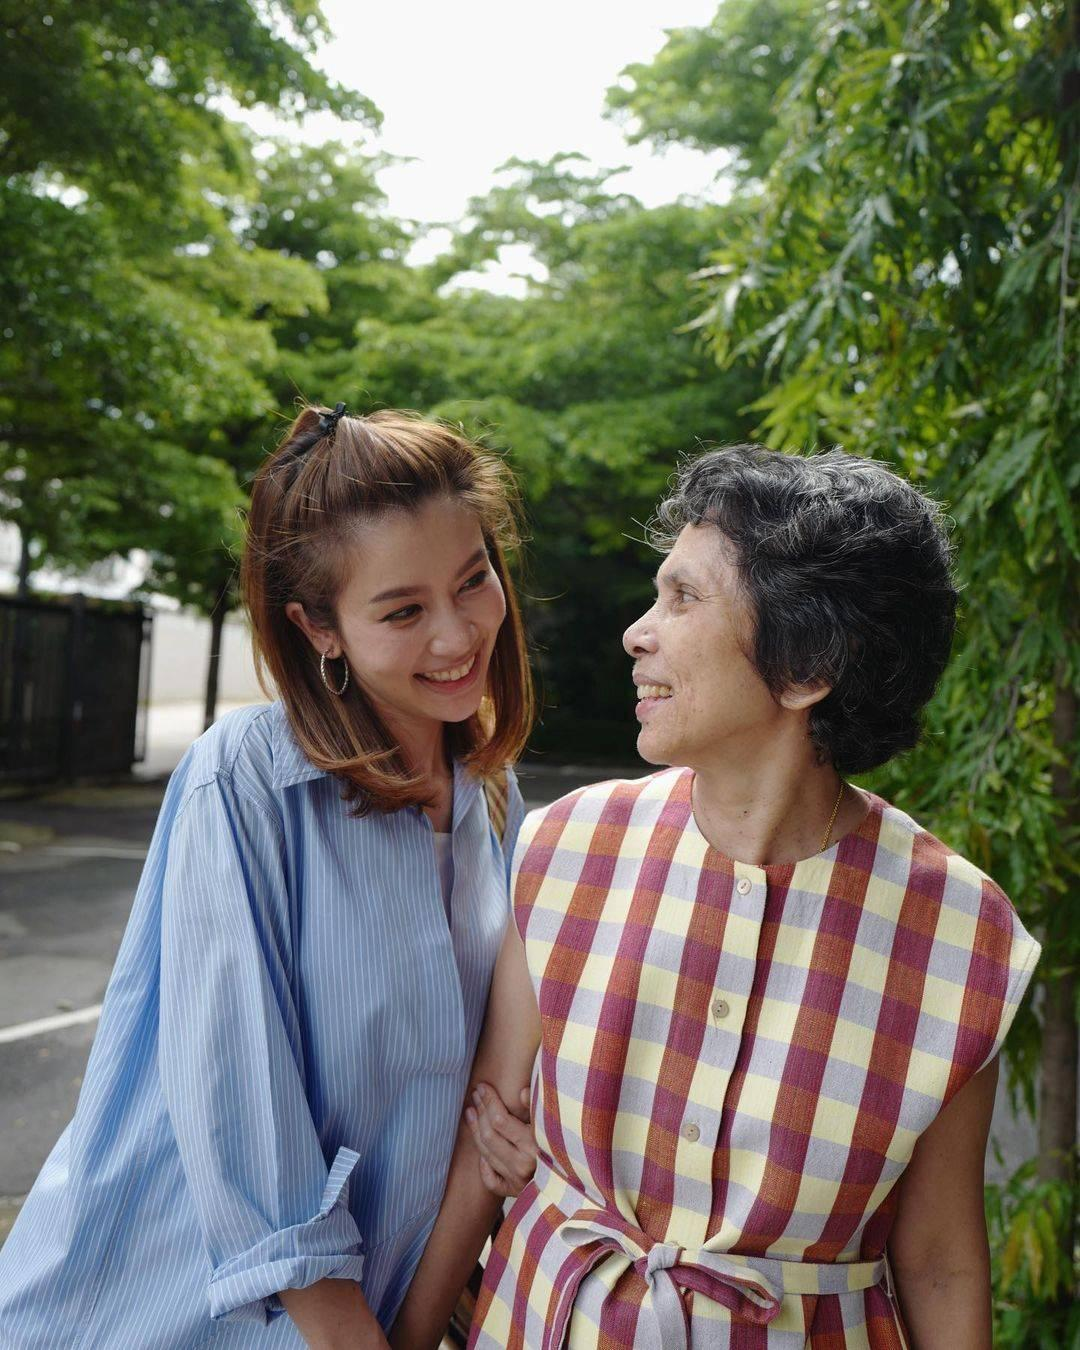 ไบรท์และคุณแม่ ขอบคุณภาพจากไอจี @bright_ch3